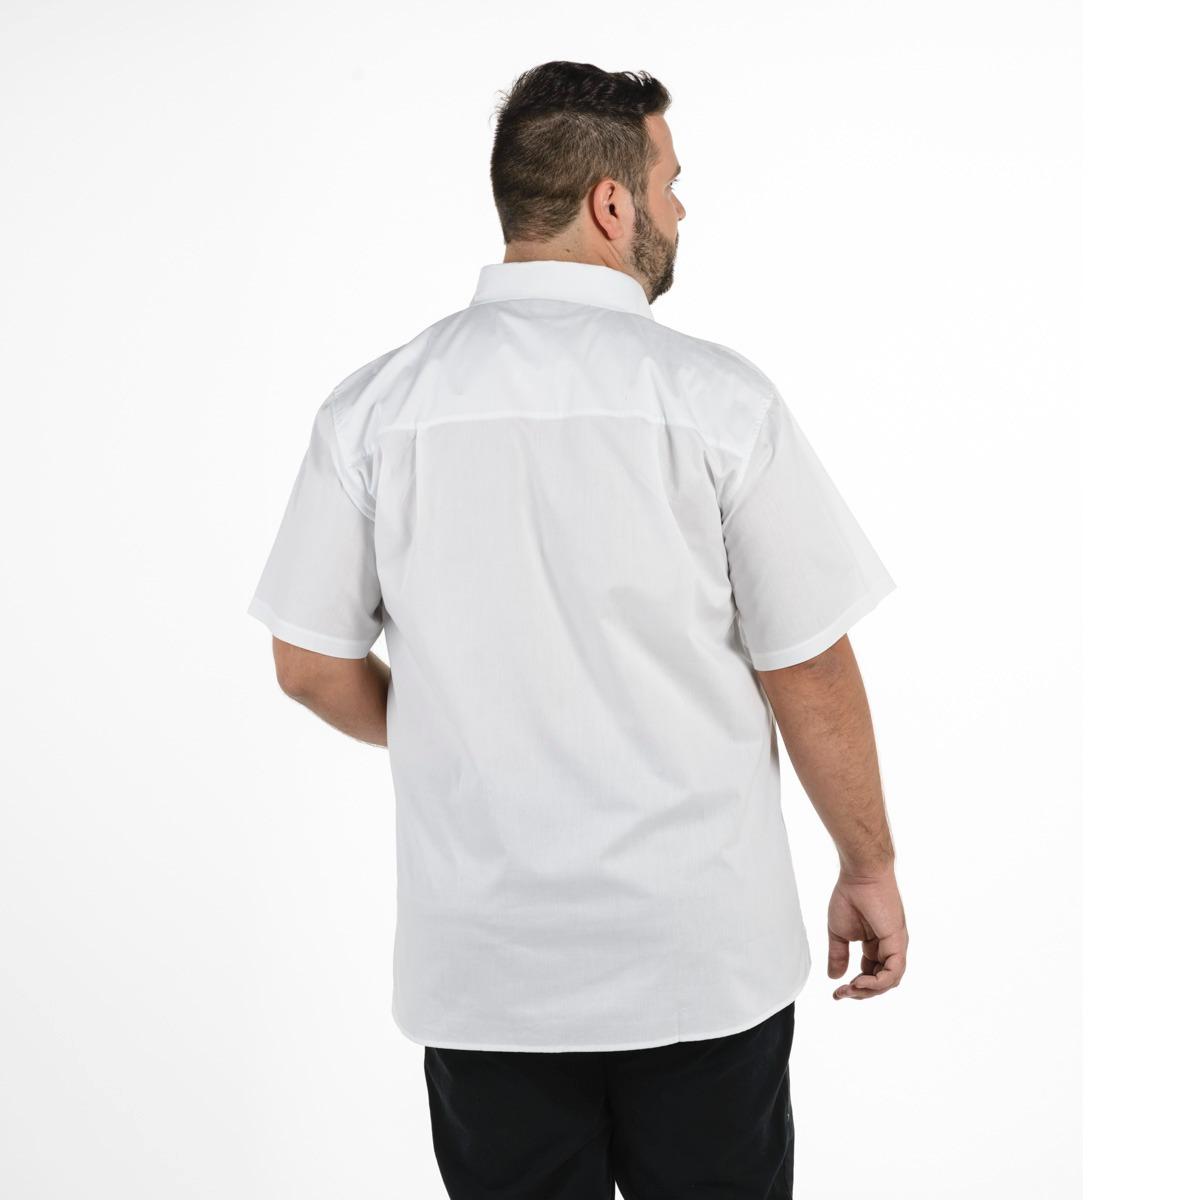 camisa plus size masculina tradicional manga curta mais pano. Carregando  zoom... camisa manga curta. Carregando zoom. ac1da1faa41